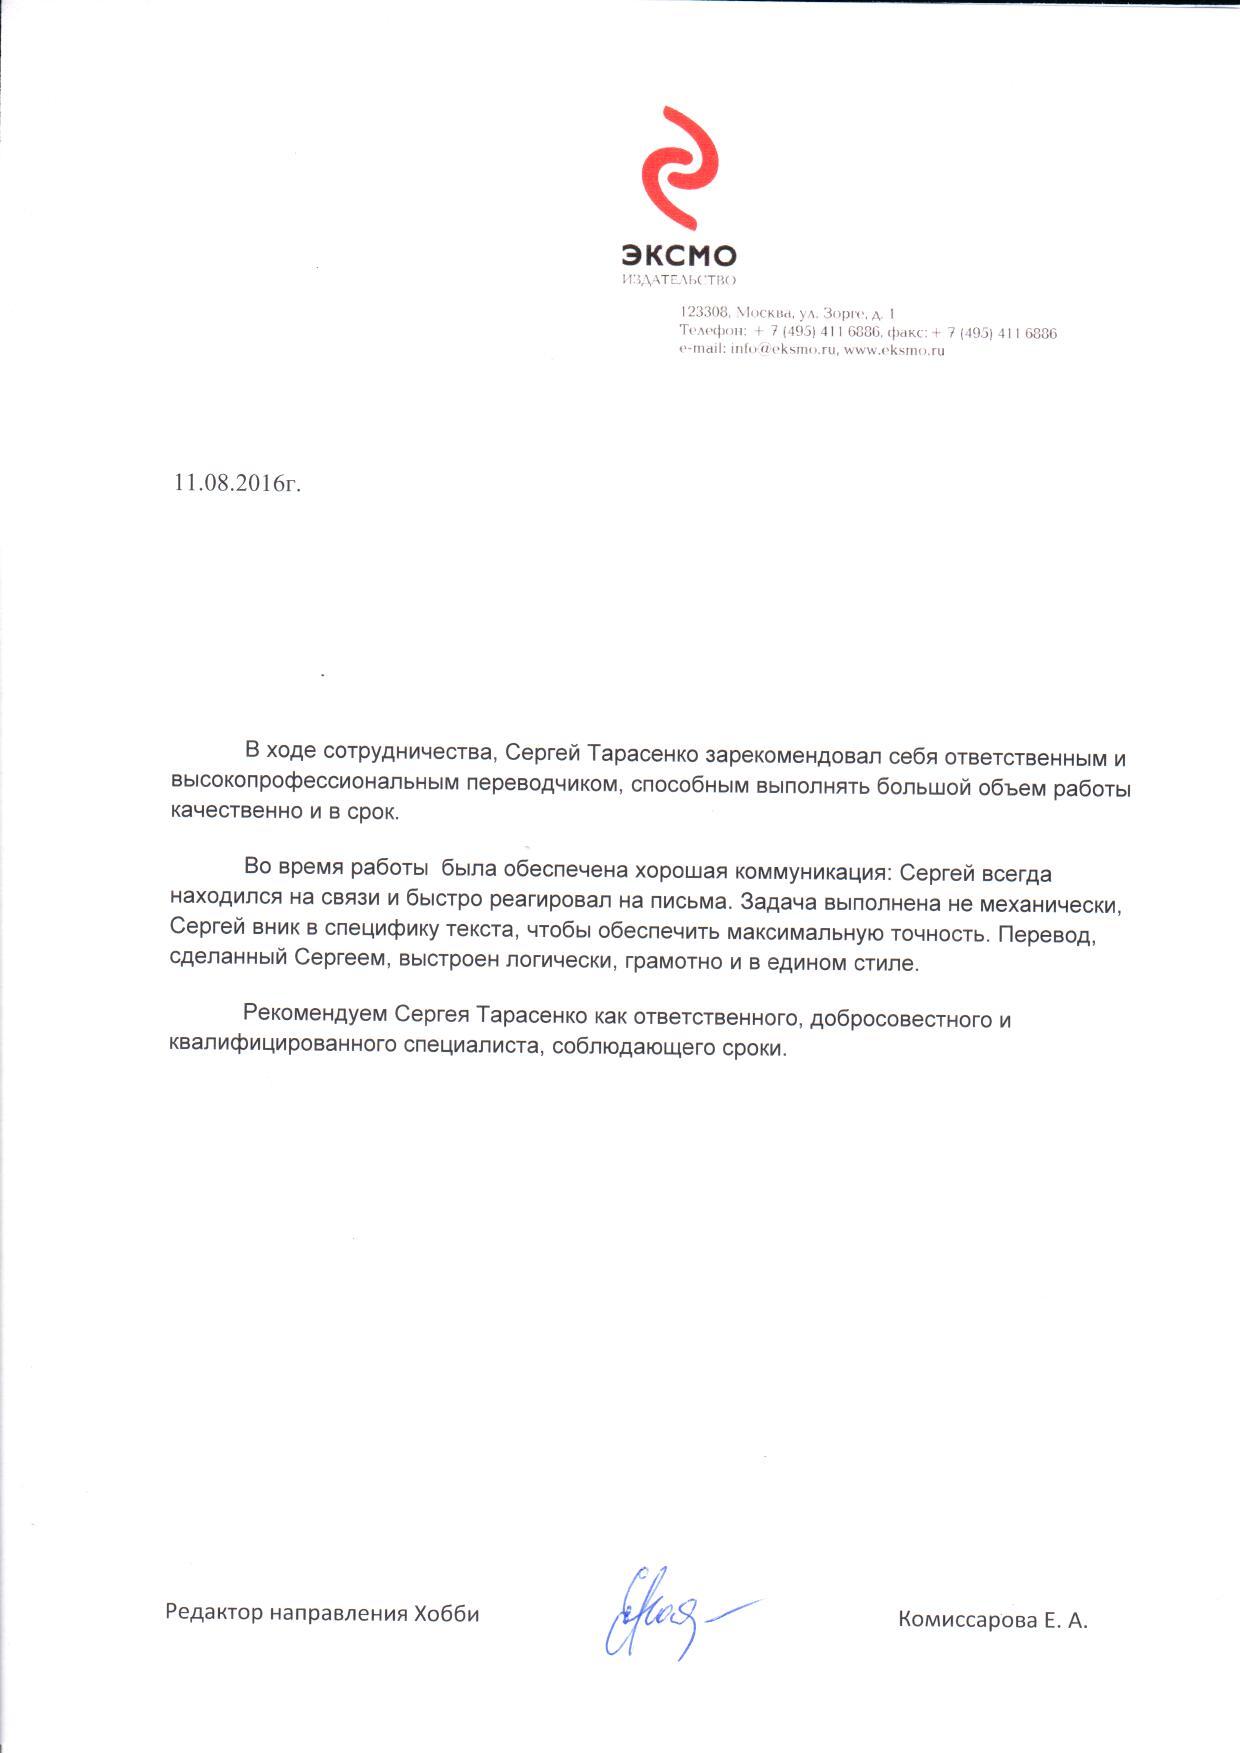 """Отзыв от издательства """"Эксмо"""" за перевод книги"""